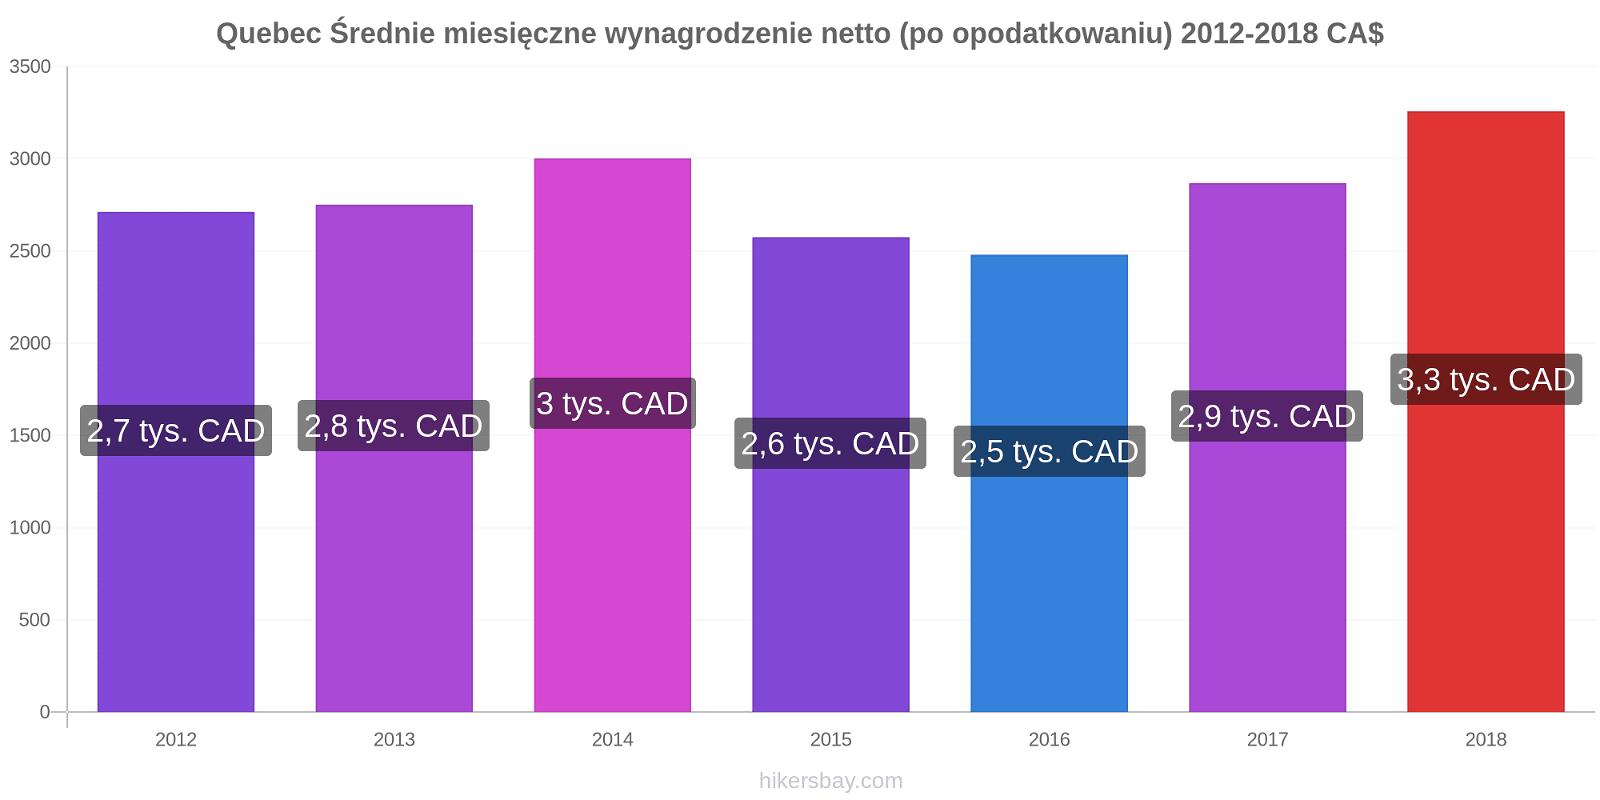 Quebec zmiany cen Średnie miesięczne wynagrodzenie netto (po opodatkowaniu) hikersbay.com